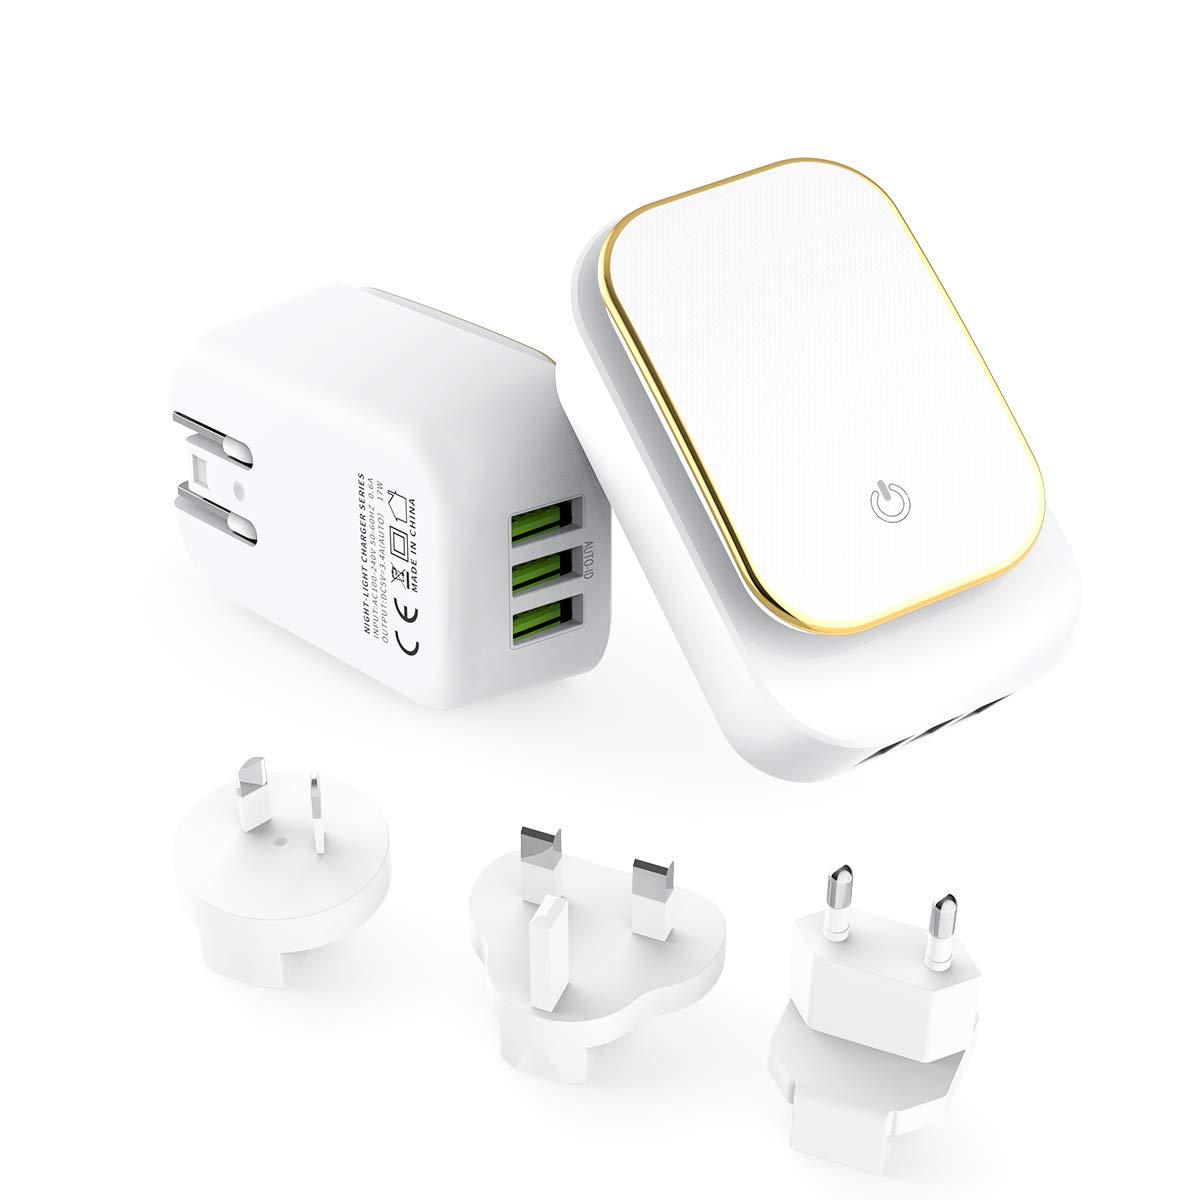 MeihuaTu Chargeur USB Secteur Universel 3 Ports avec Lampe Torche LED Secteur Mural Chargeur avec Adaptateur UK//AU//EU//US Compatible avec t/él/éphones intelligents,Kindle,etc Blanc